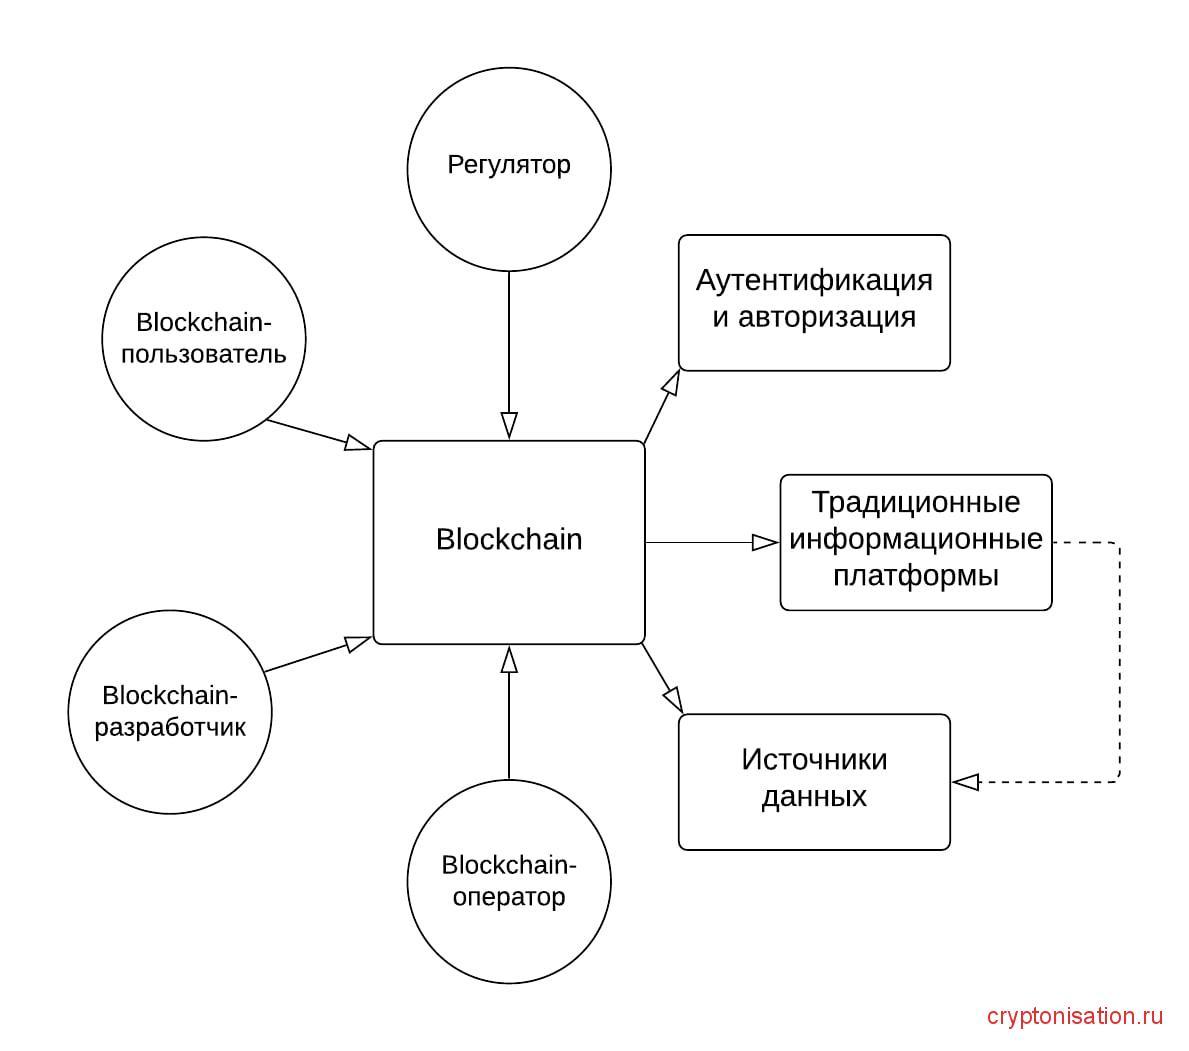 Схема работы НЦПТ